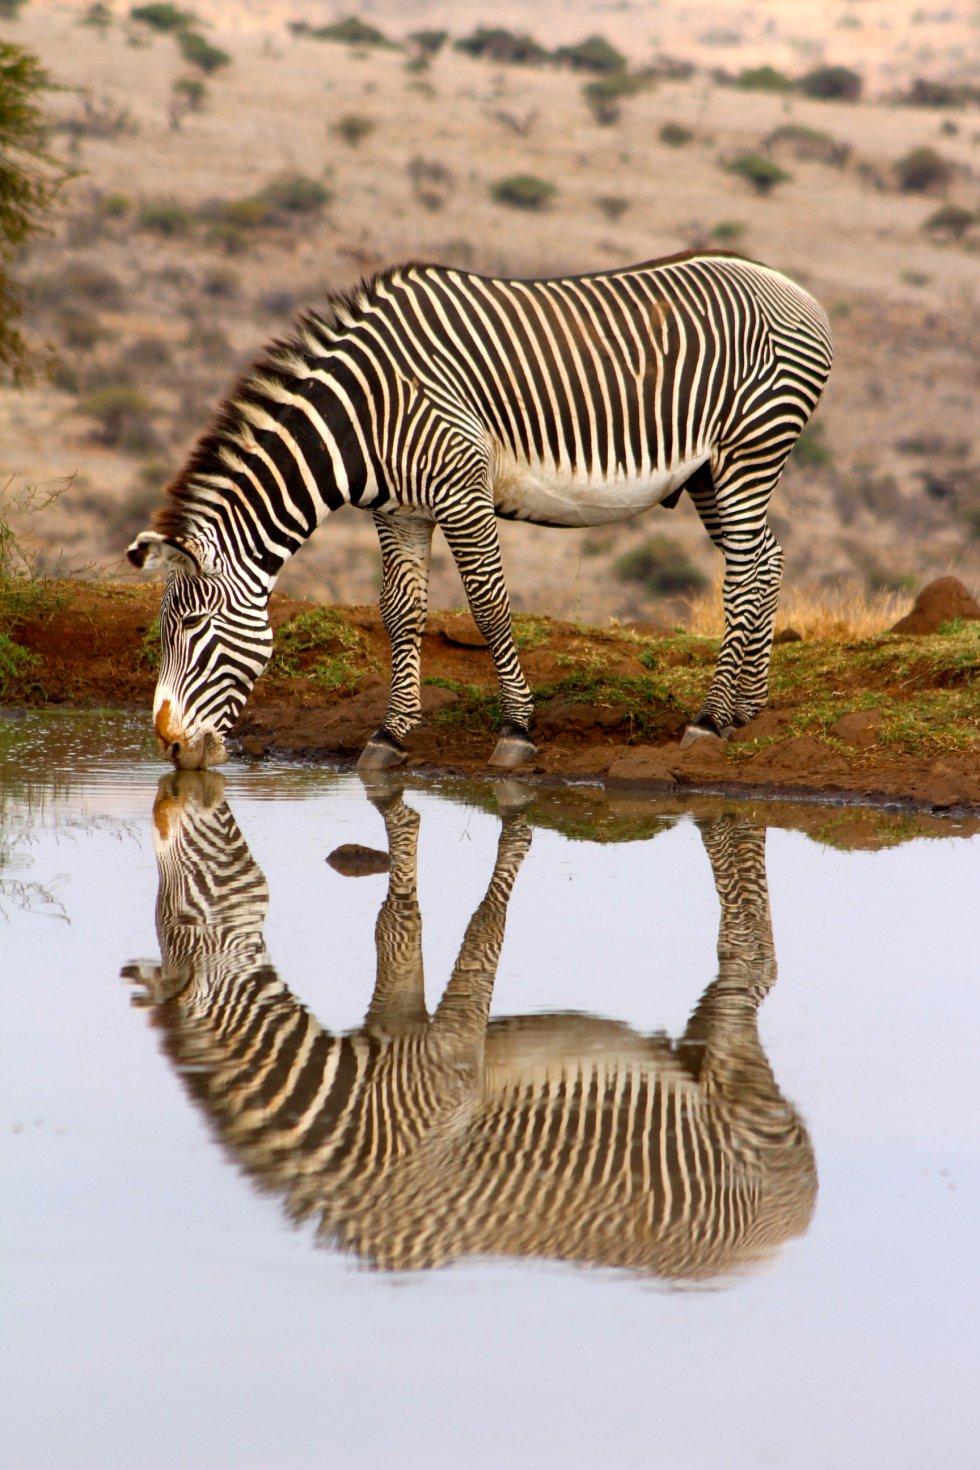 Esta imagem mostra uma zebra tomando uns goles em um lago.